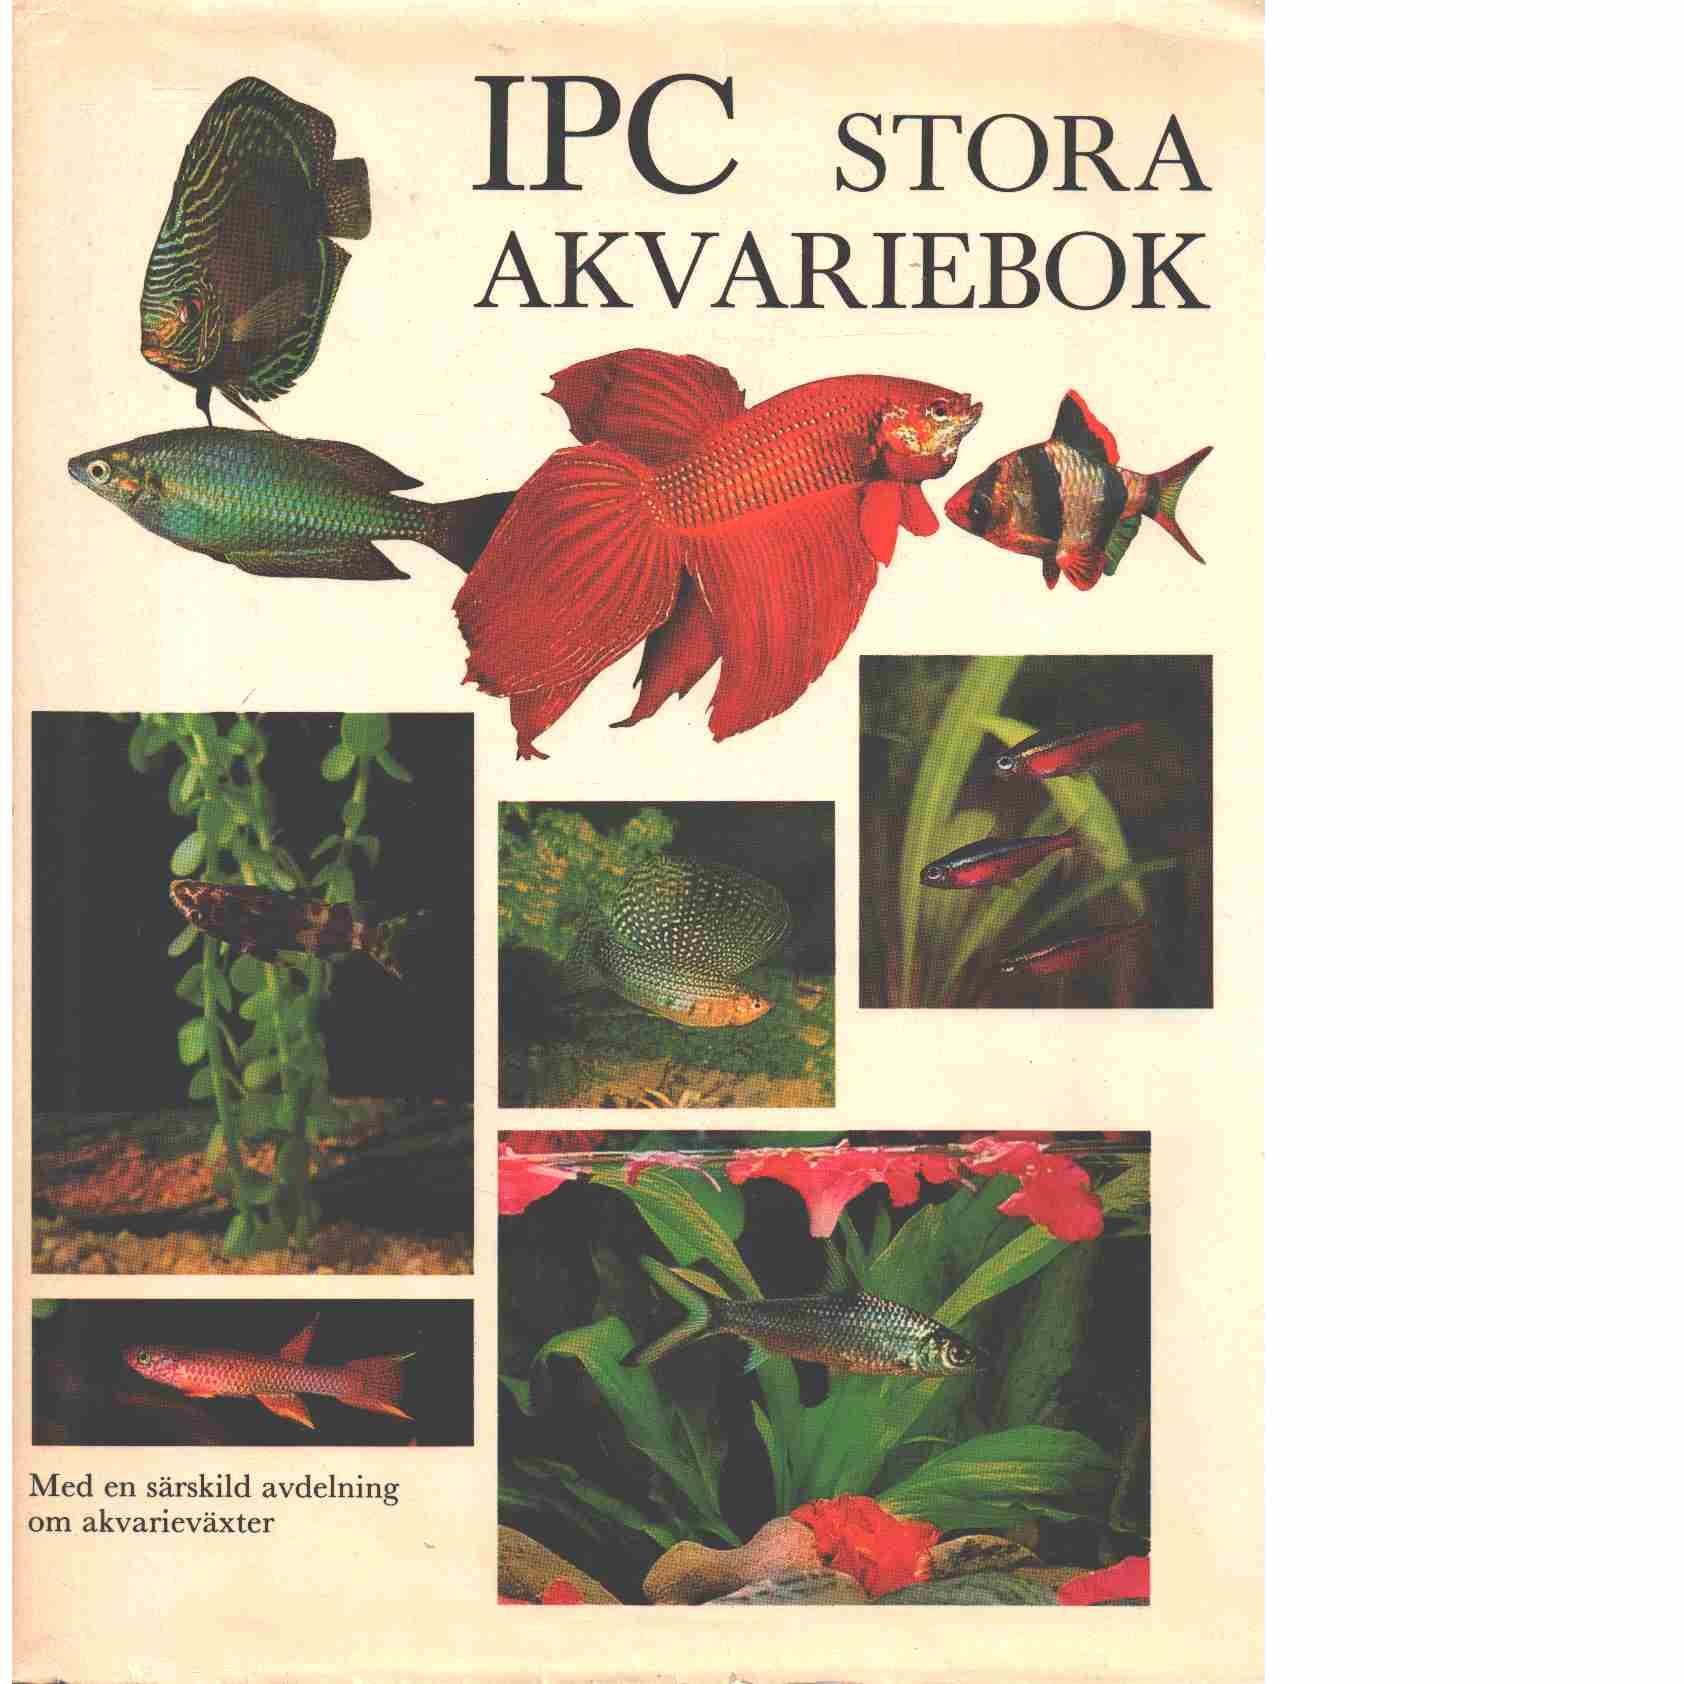 IPC stora akvariebok : en fullständig handledning för akvaristen : [med en särskild avdelning om akvarieväxter]  - Red.